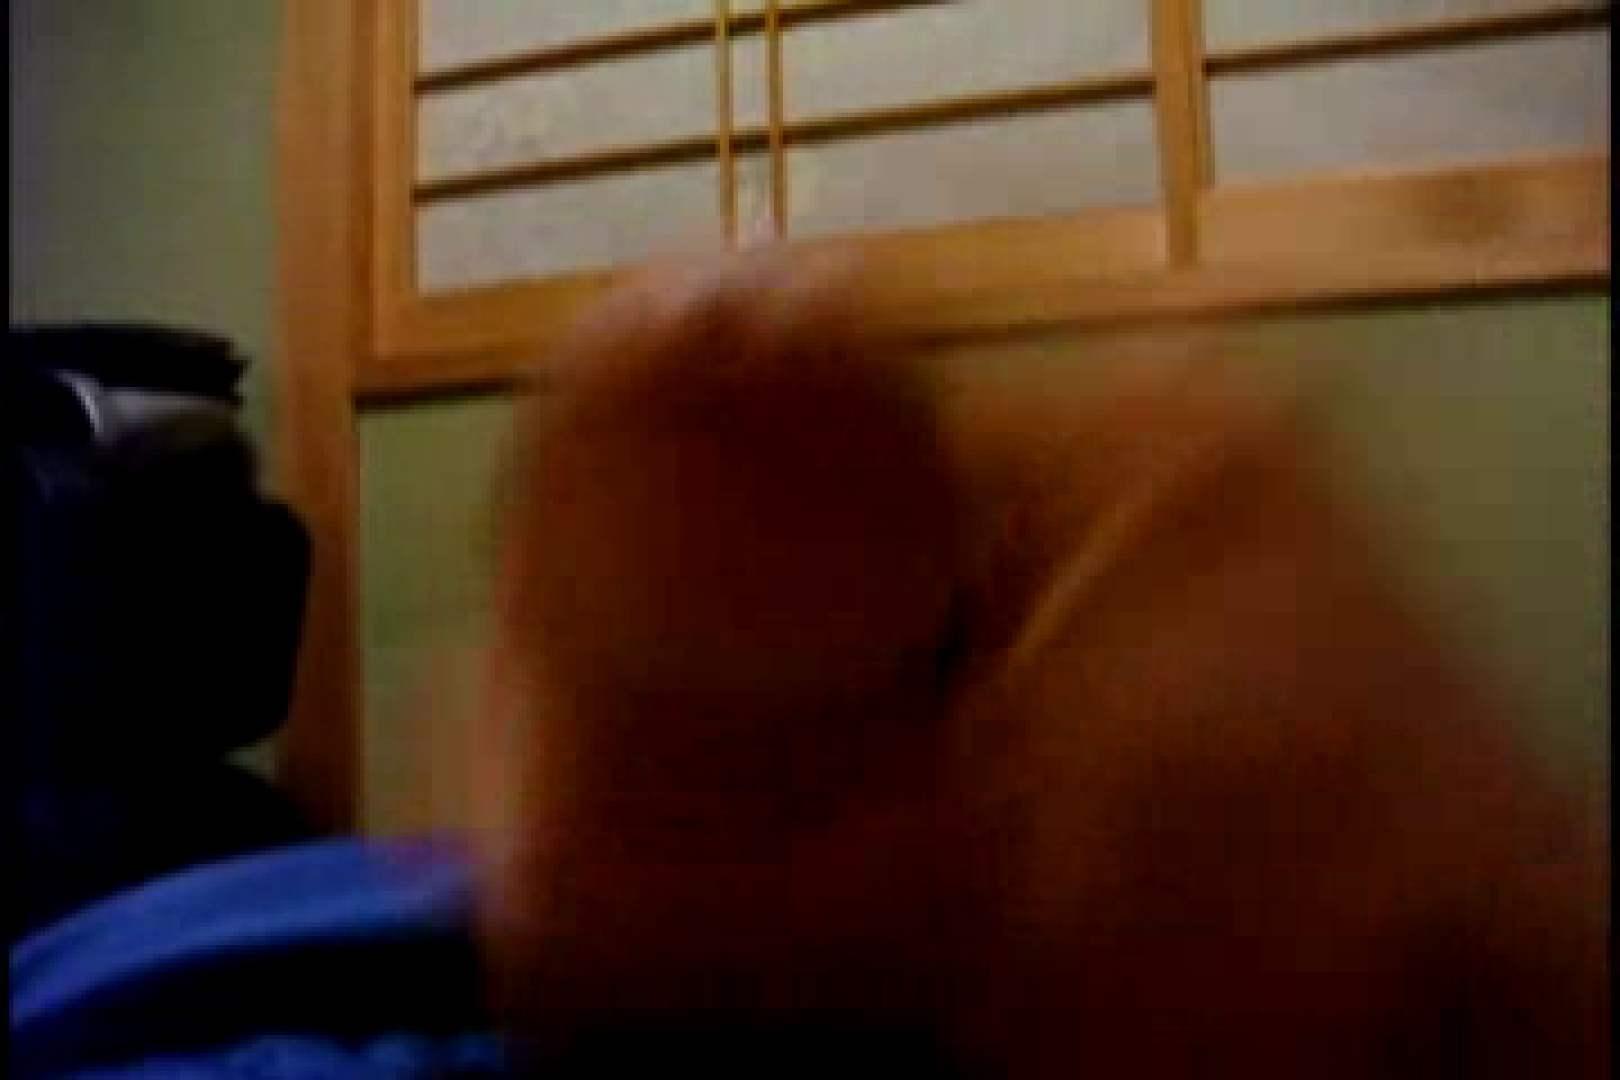 オナ好きノンケテニス部員の自画撮り投稿vol.02 ノンケまつり ゲイエロビデオ画像 77枚 44